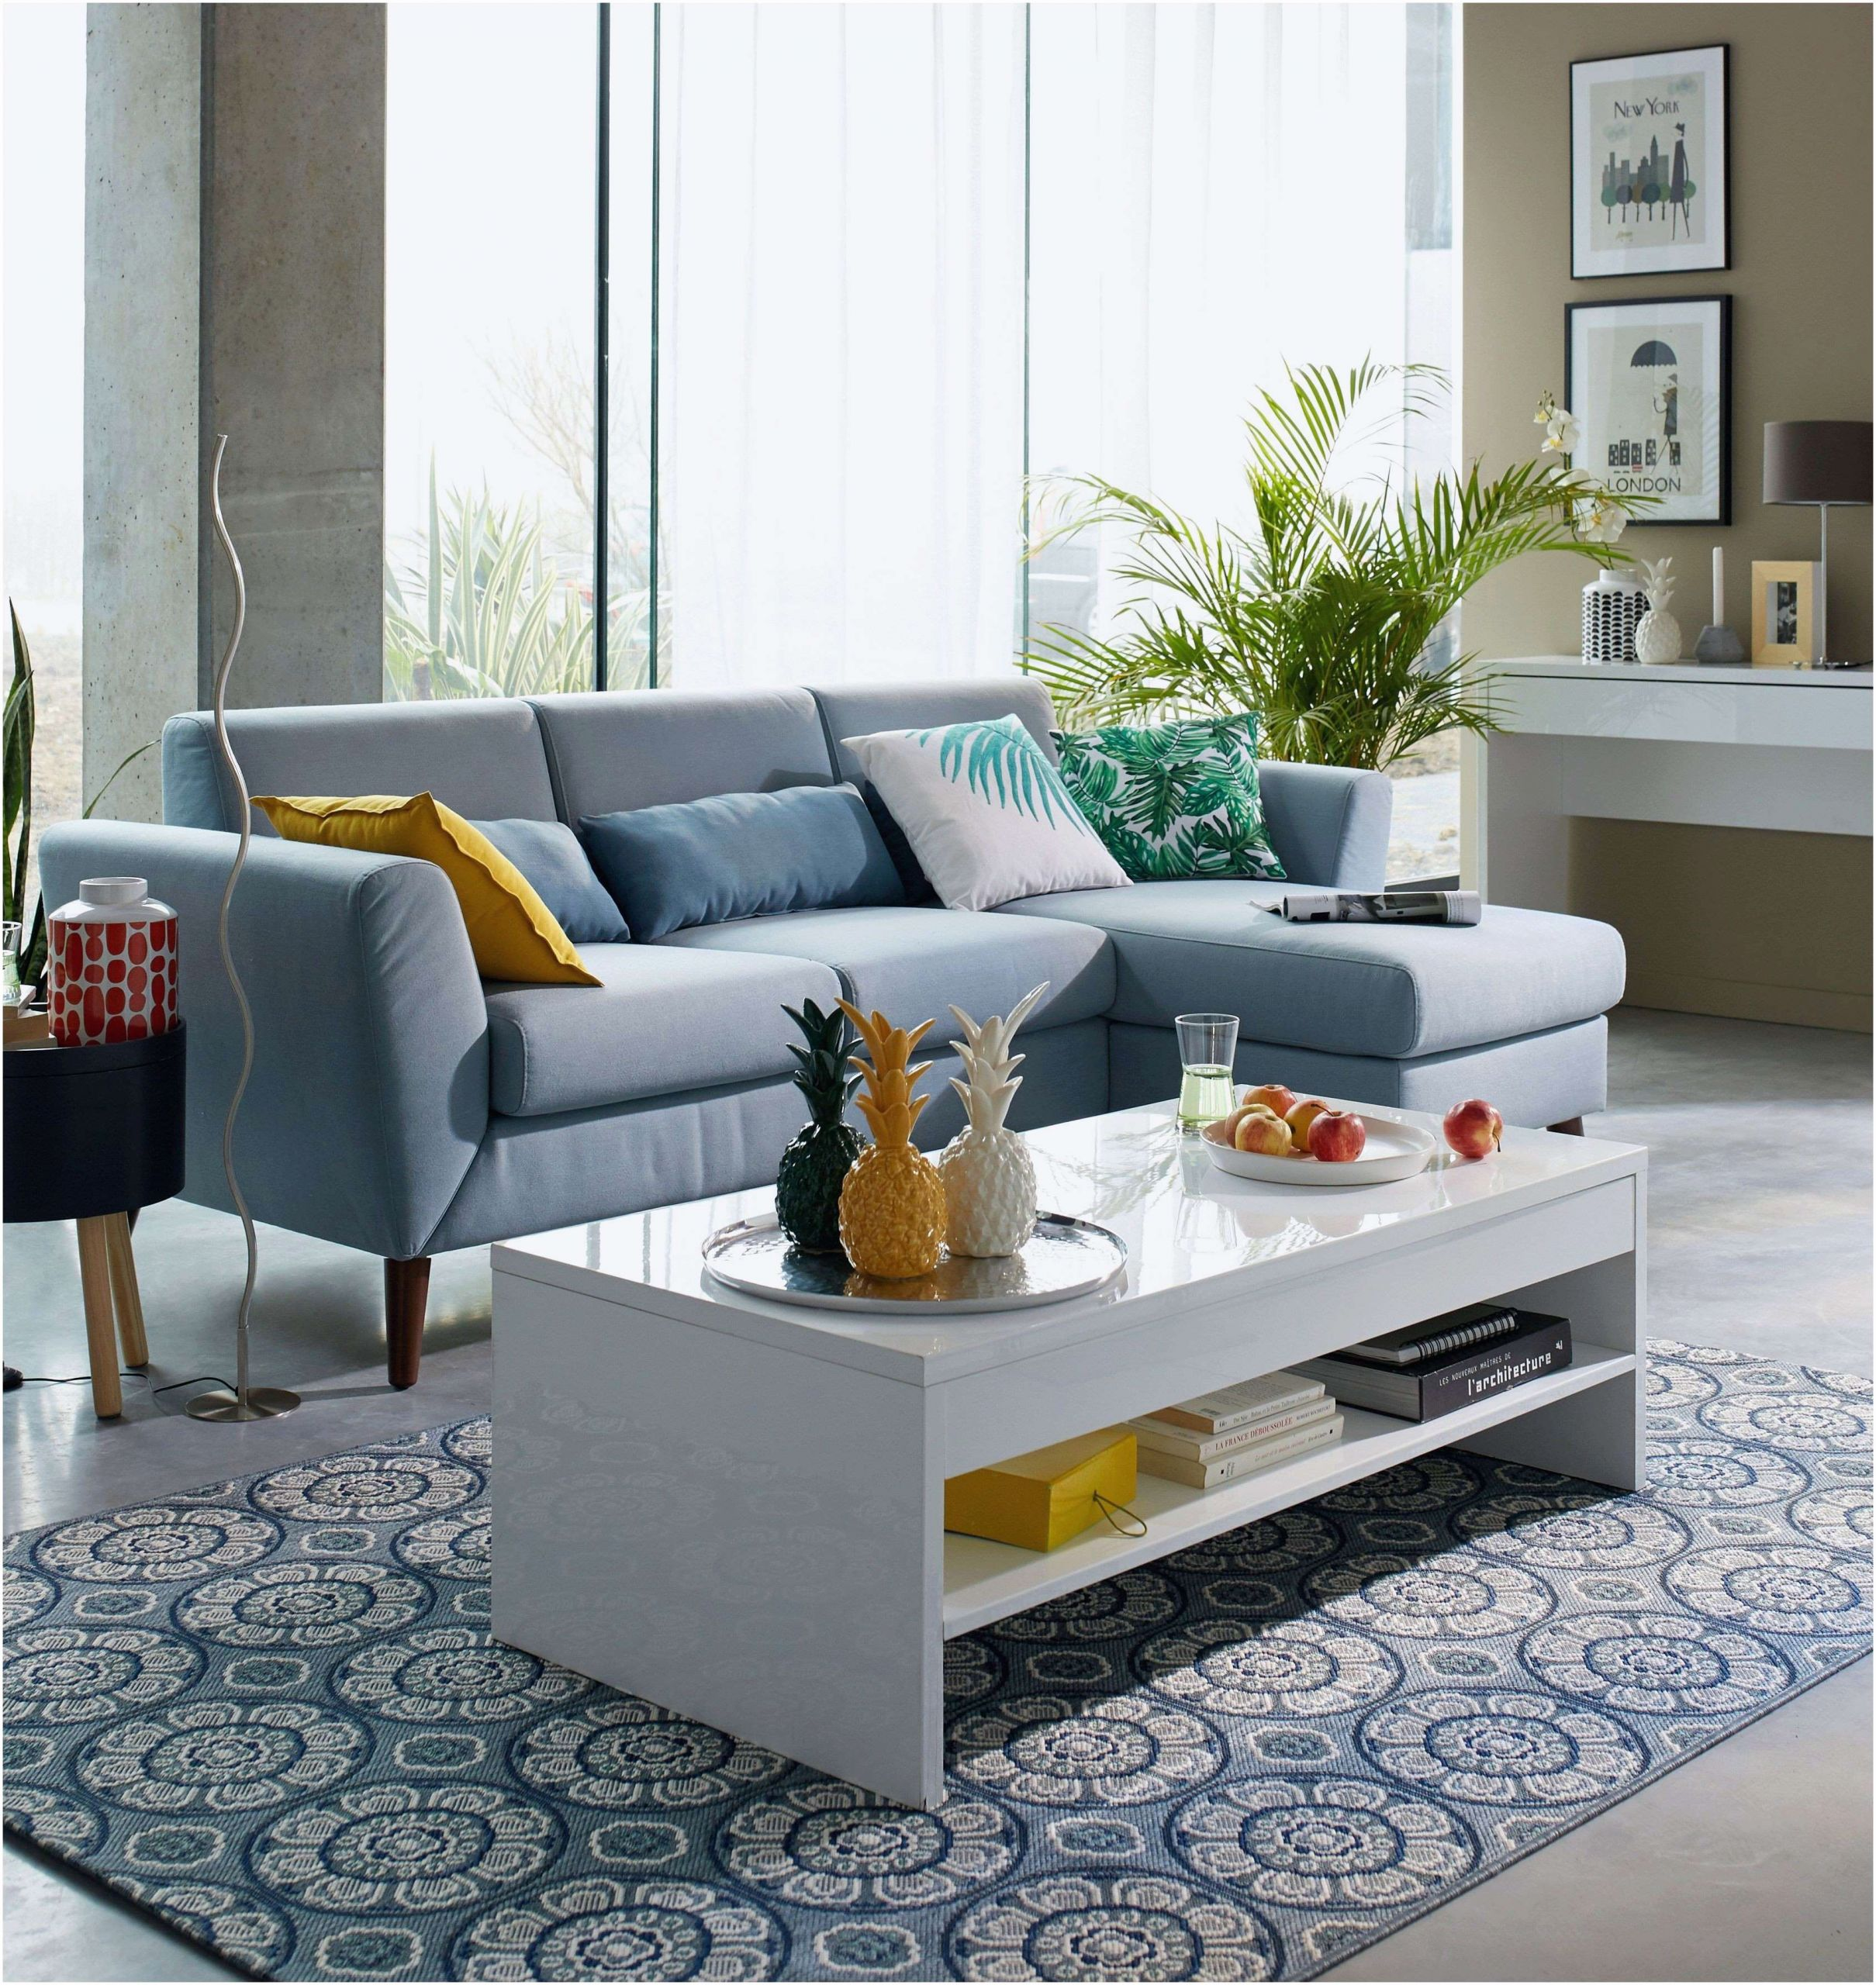 canape pour veranda meilleur de luxe canape convertible design unique table d angle lounge mobel of canape pour veranda